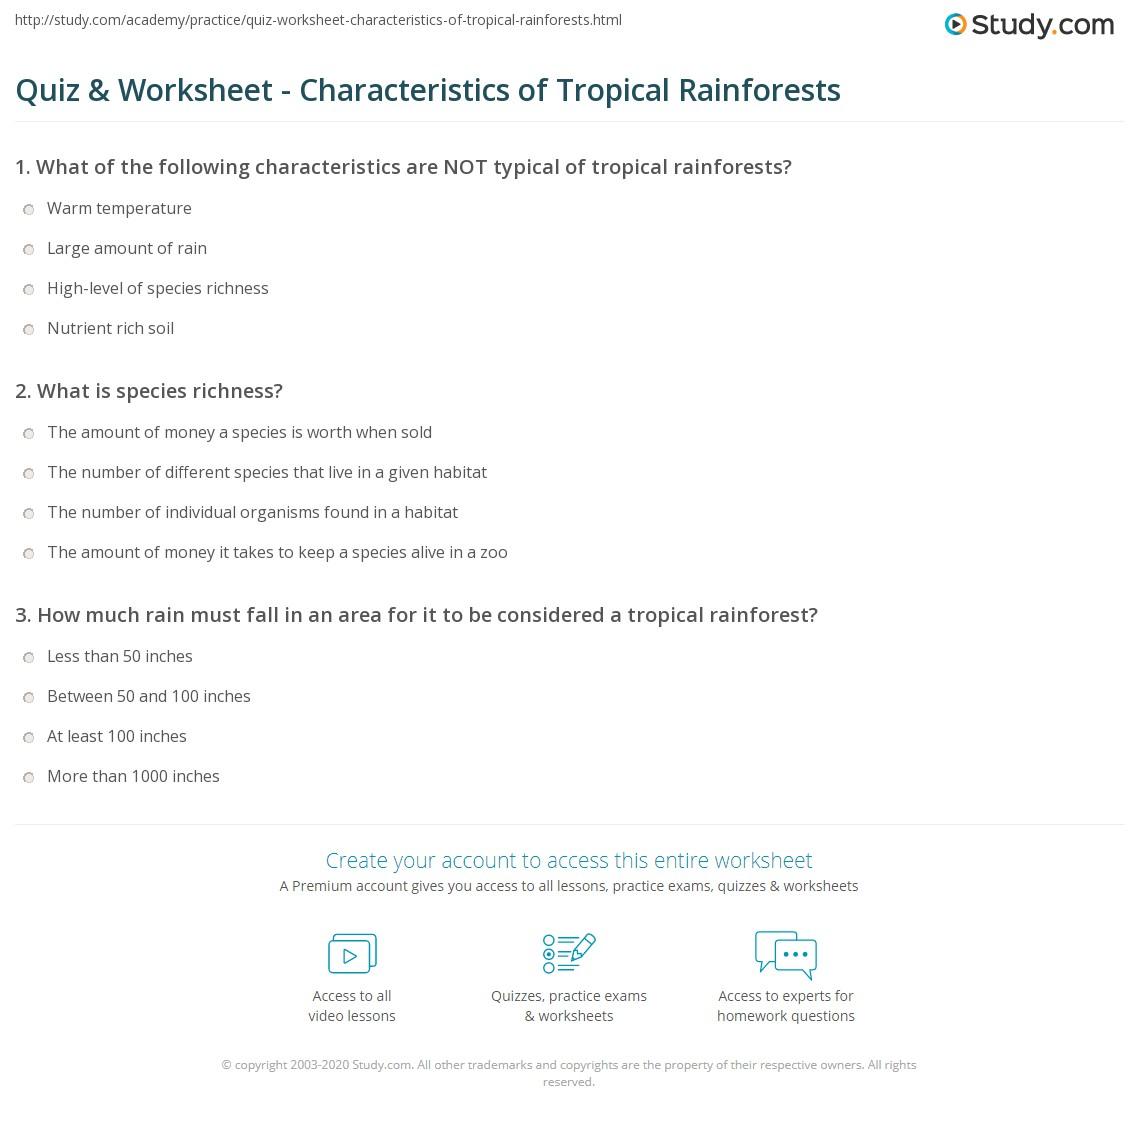 Quiz & Worksheet - Characteristics of Tropical Rainforests | Study.com